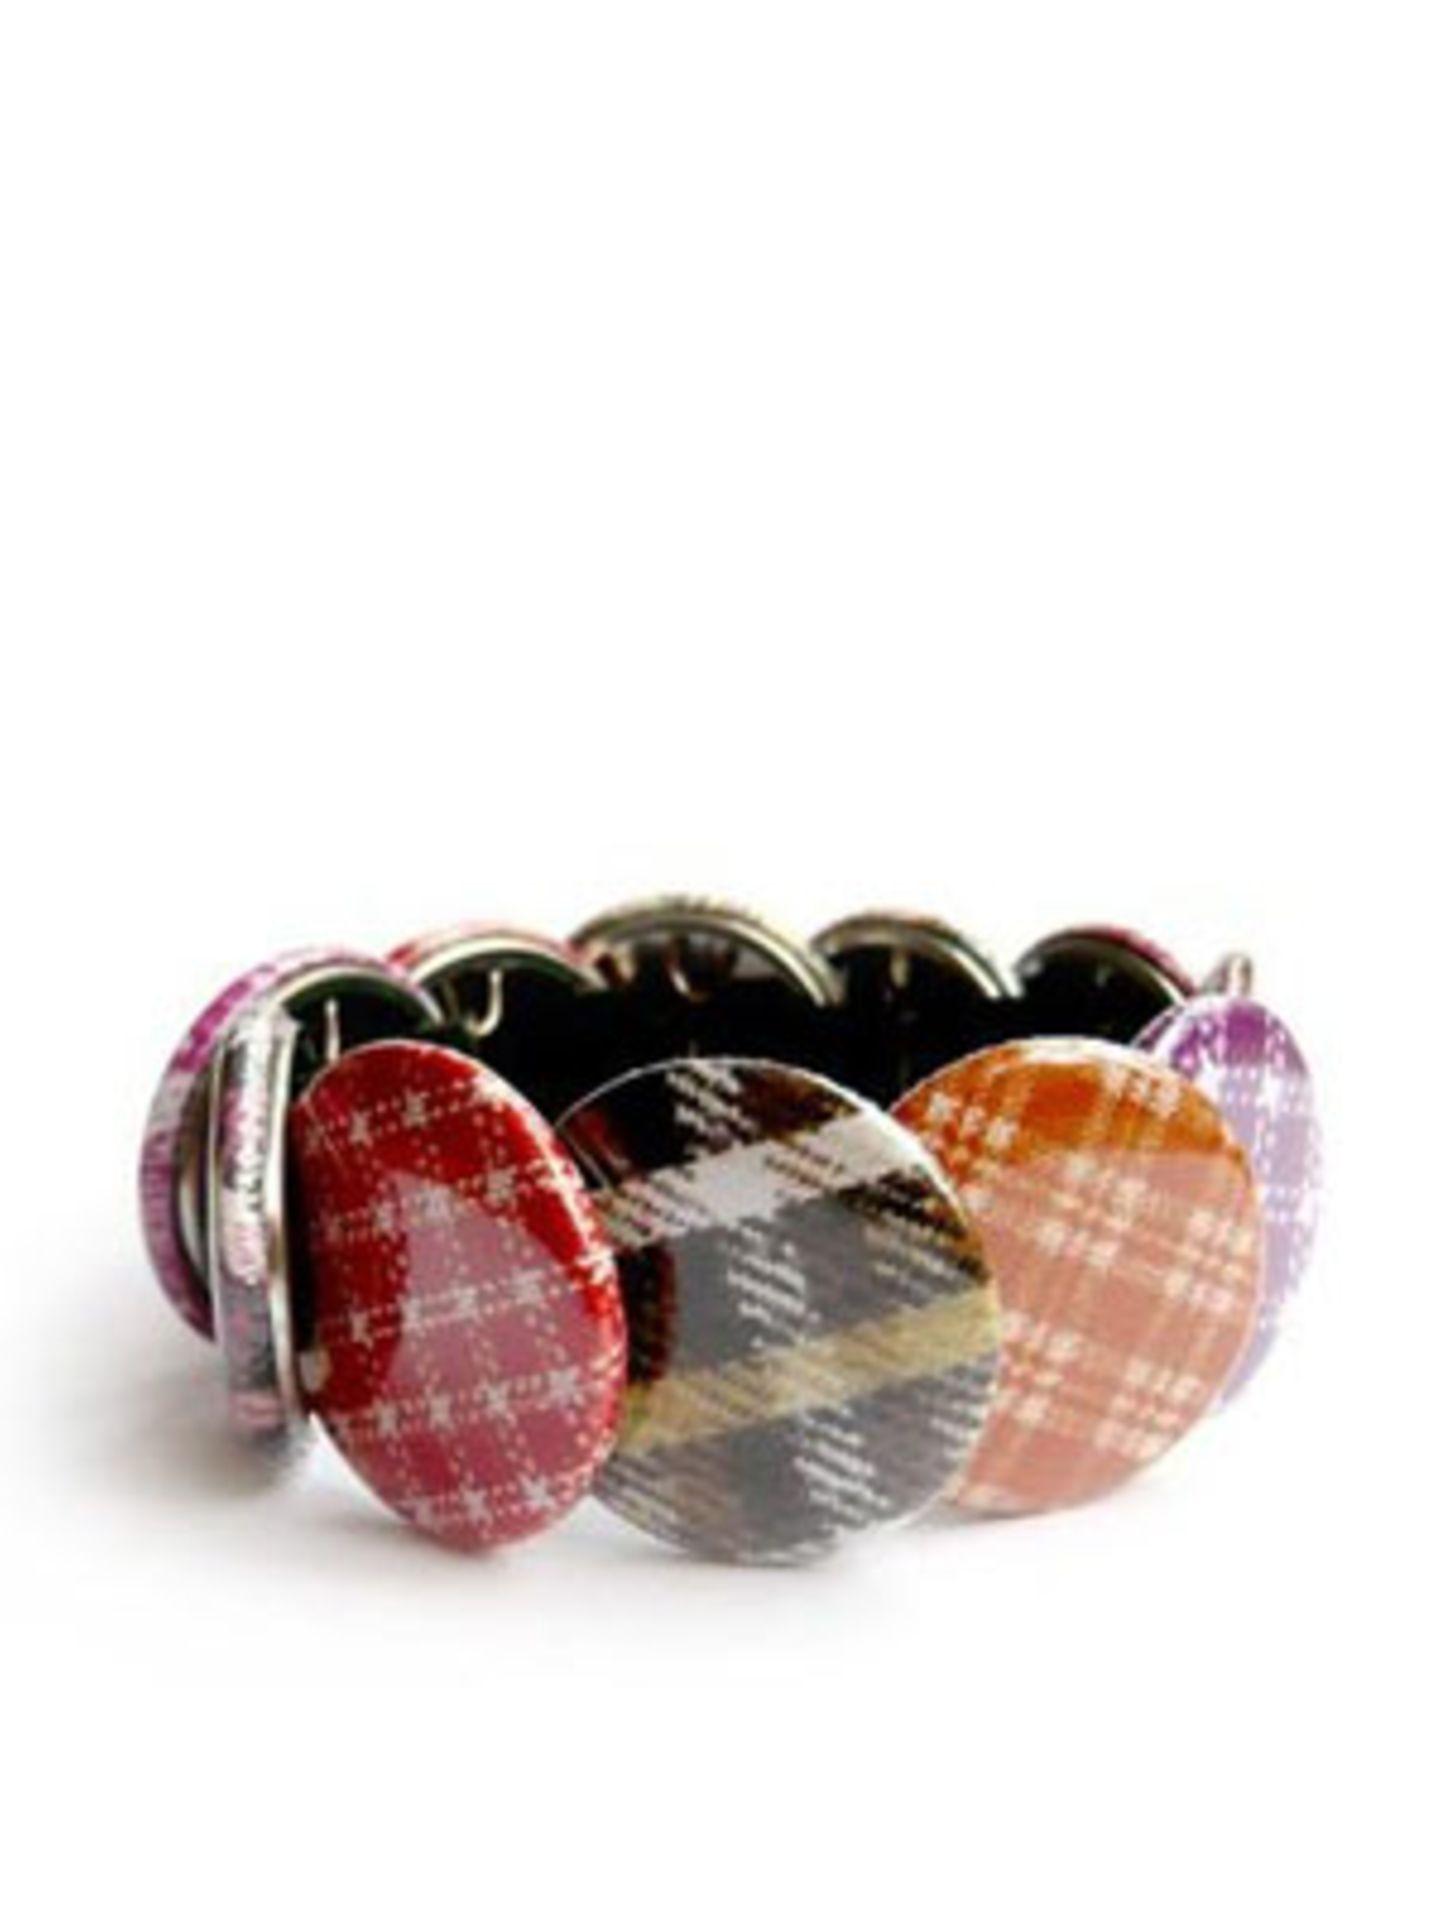 Armband aus verschiedenen Karo-Buttons von www.design-3000.de, um 20 Euro.